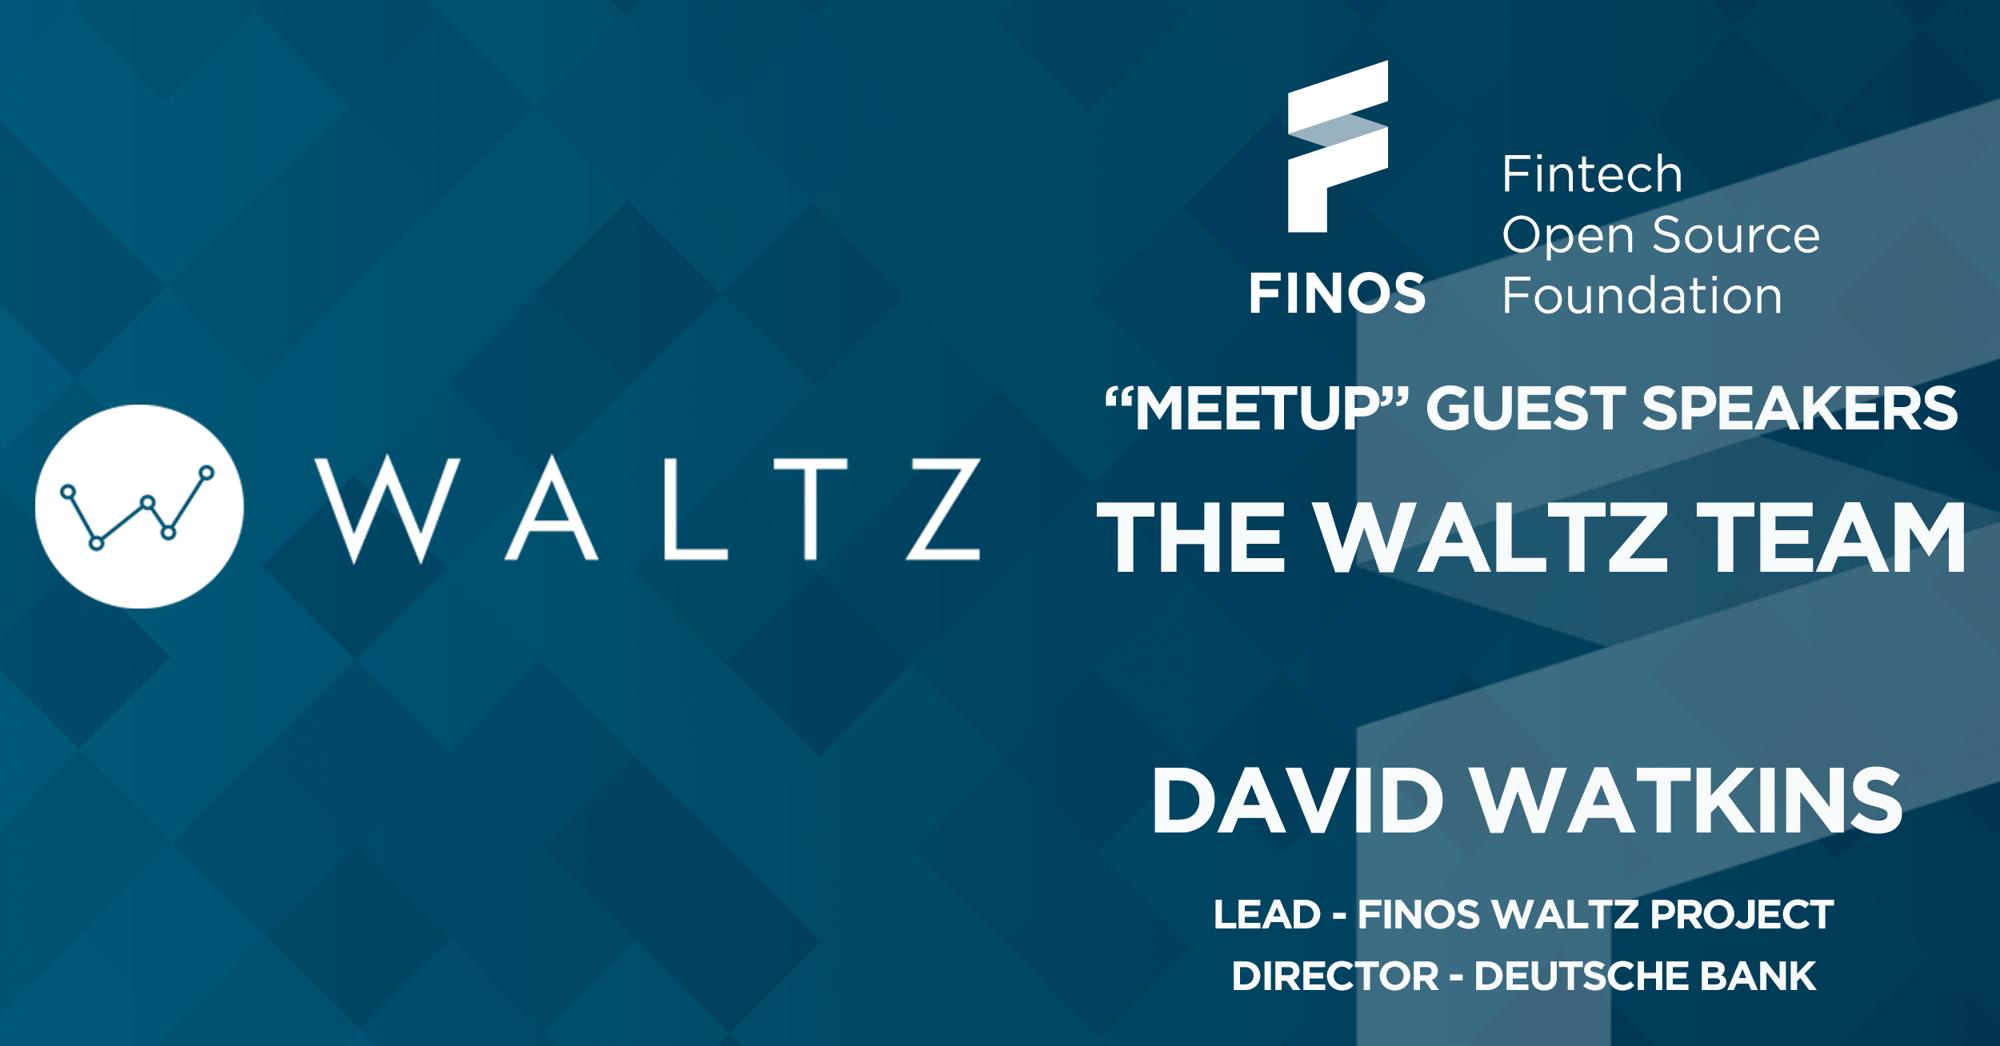 FINOS-MEETUP-guest-speakers-waltz-team